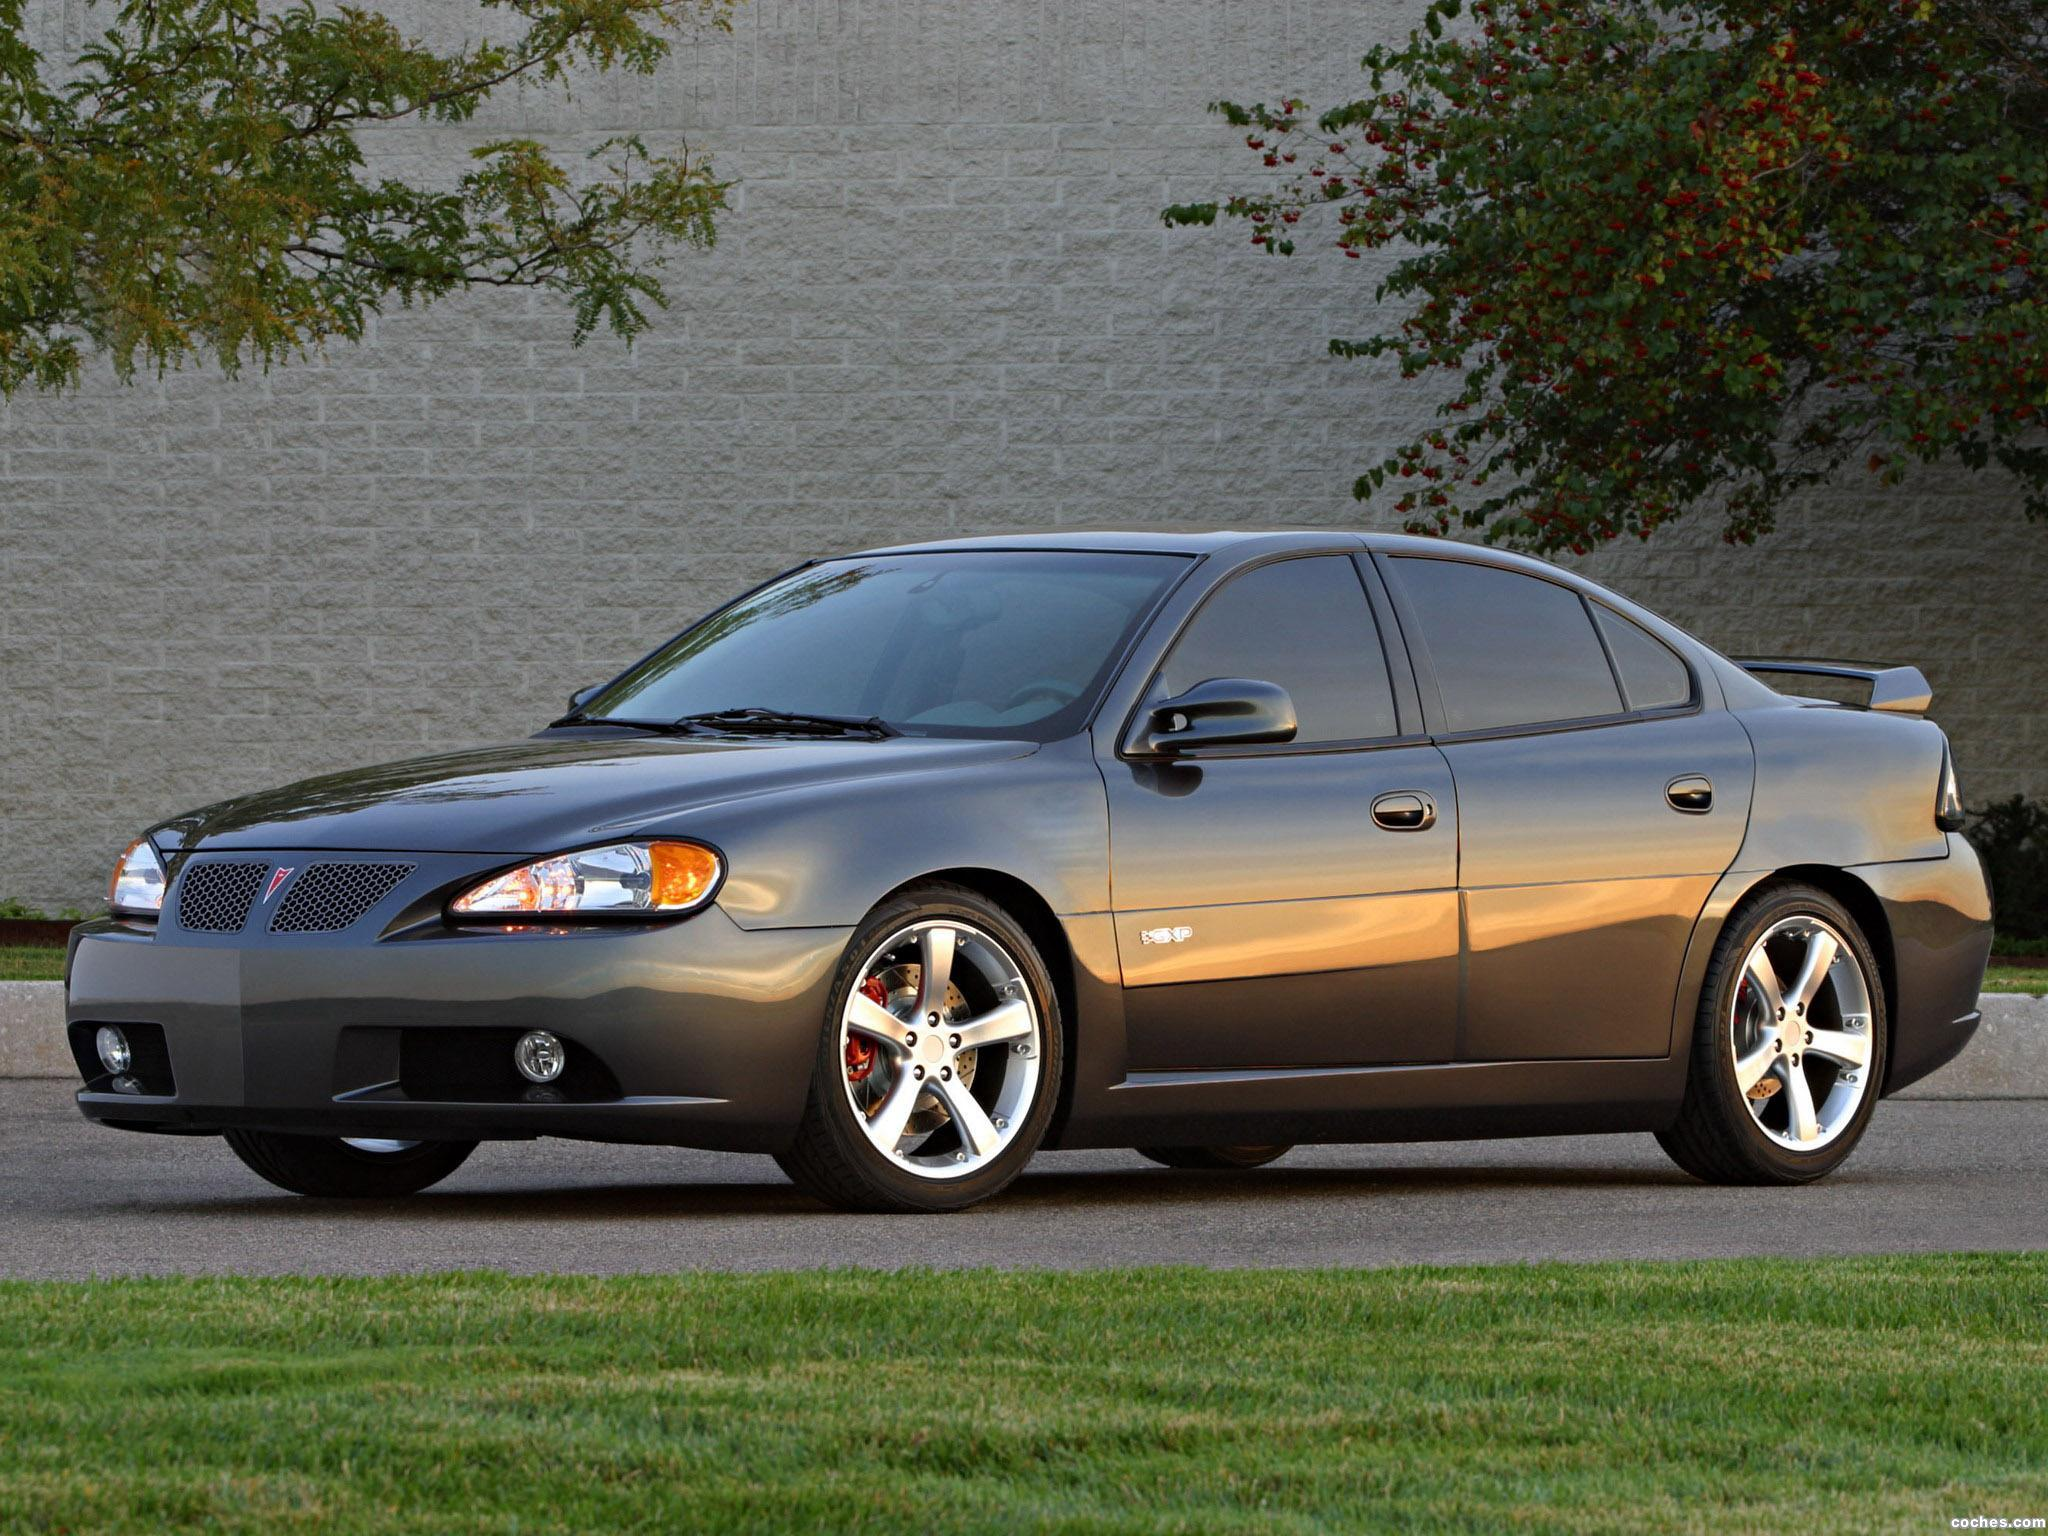 Pontiac Grand Am Gxp Concept R on Pontiac Grand Am